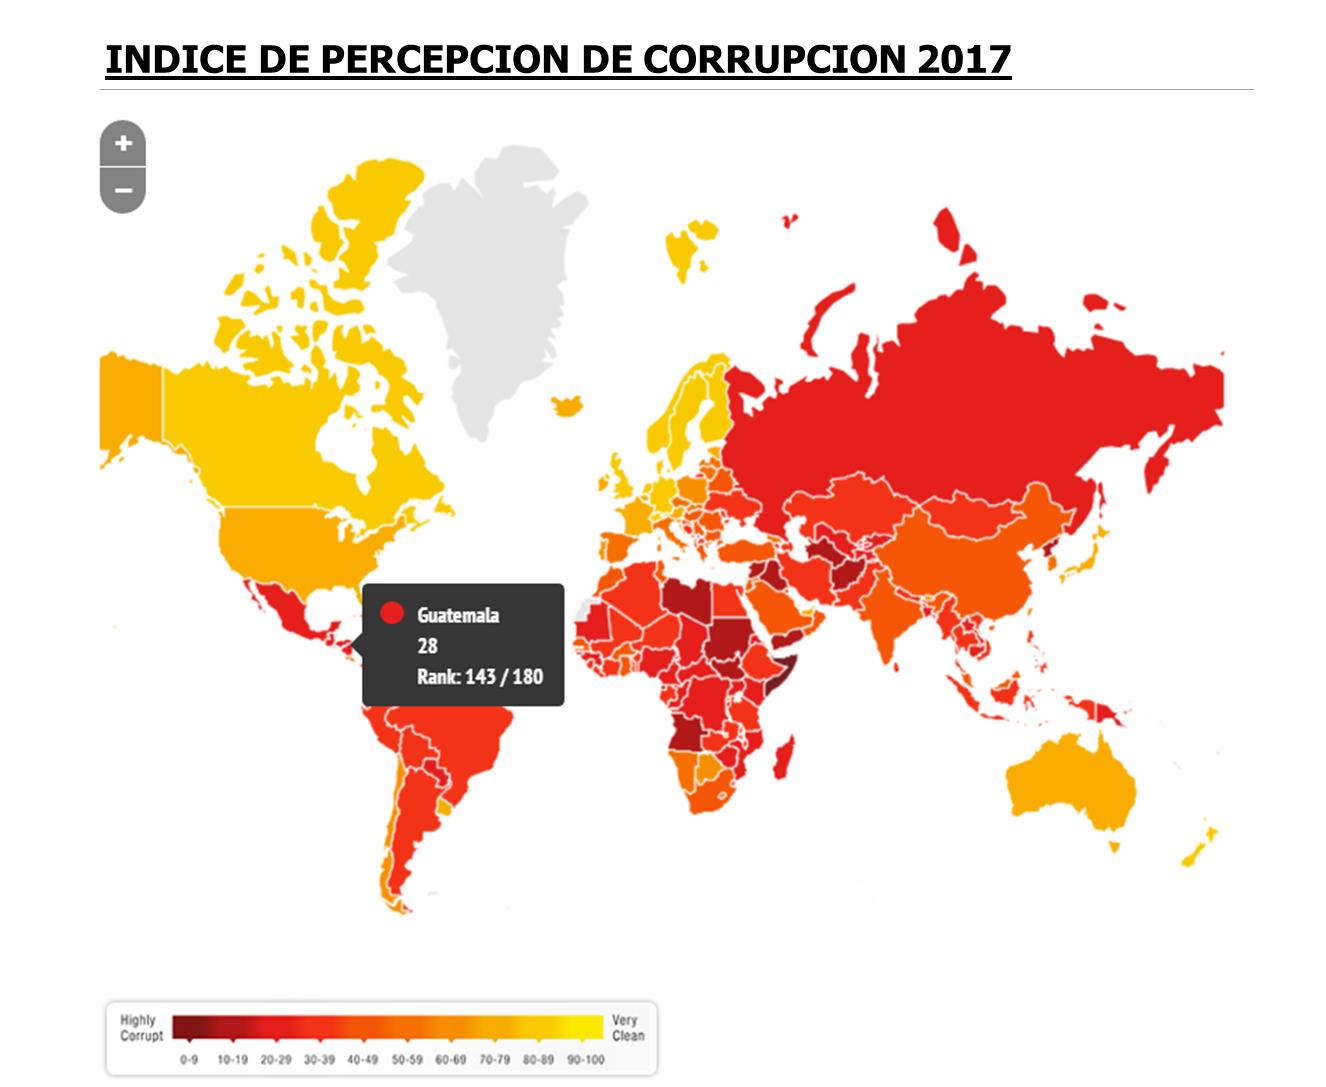 INDICE DE PERCEPCION DE CORRUPCION 2017